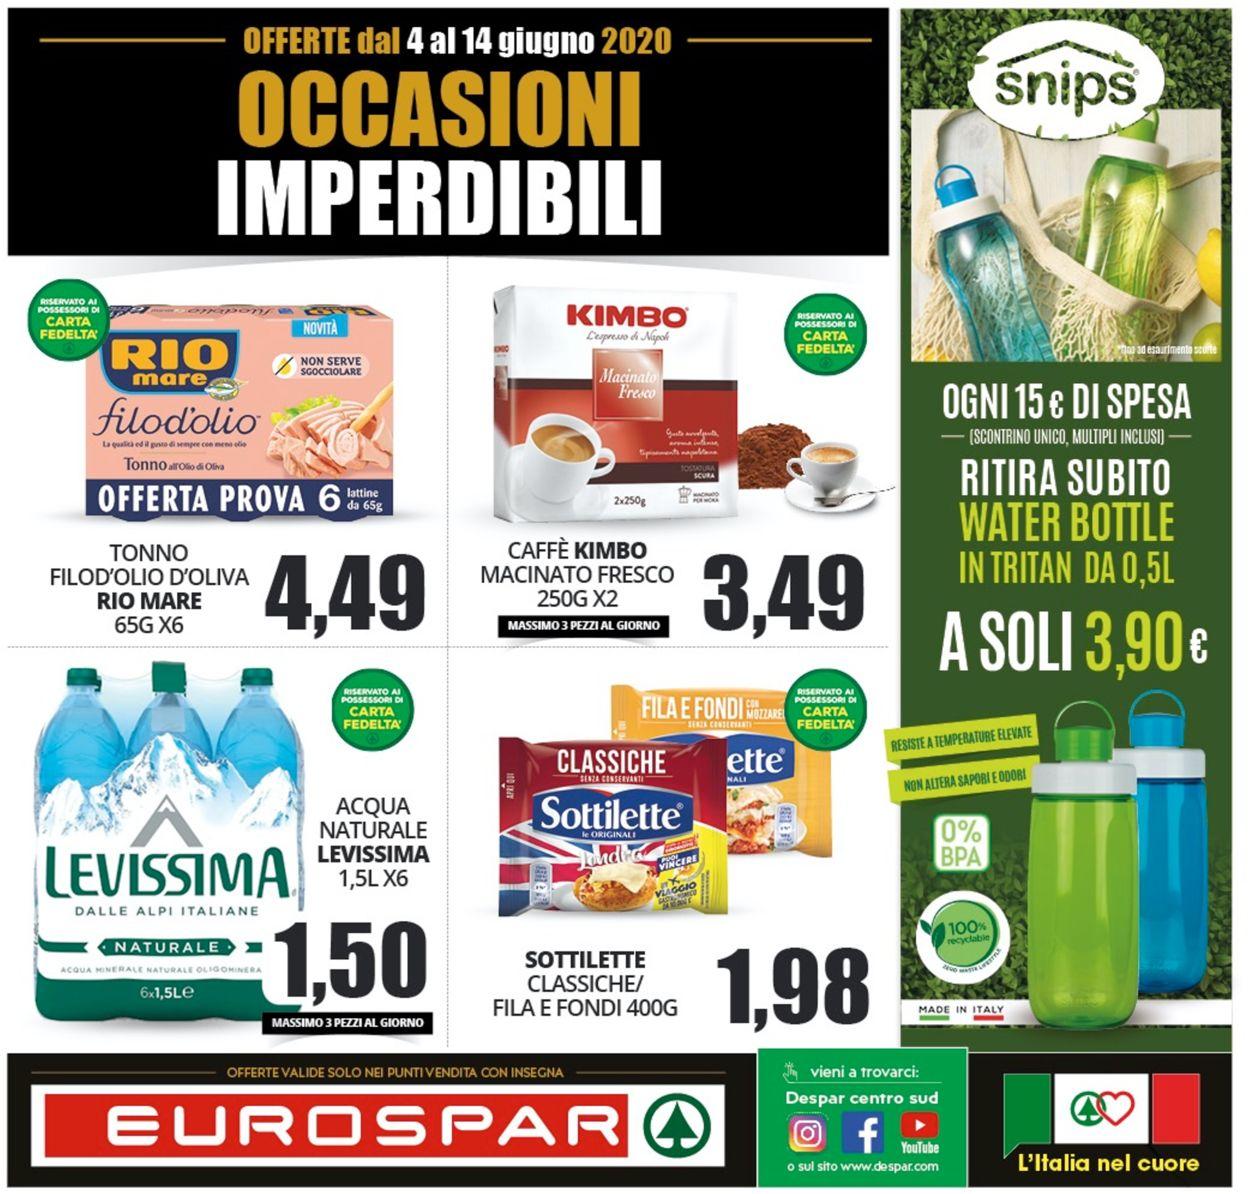 Volantino Eurospar - Offerte 03/06-14/06/2020